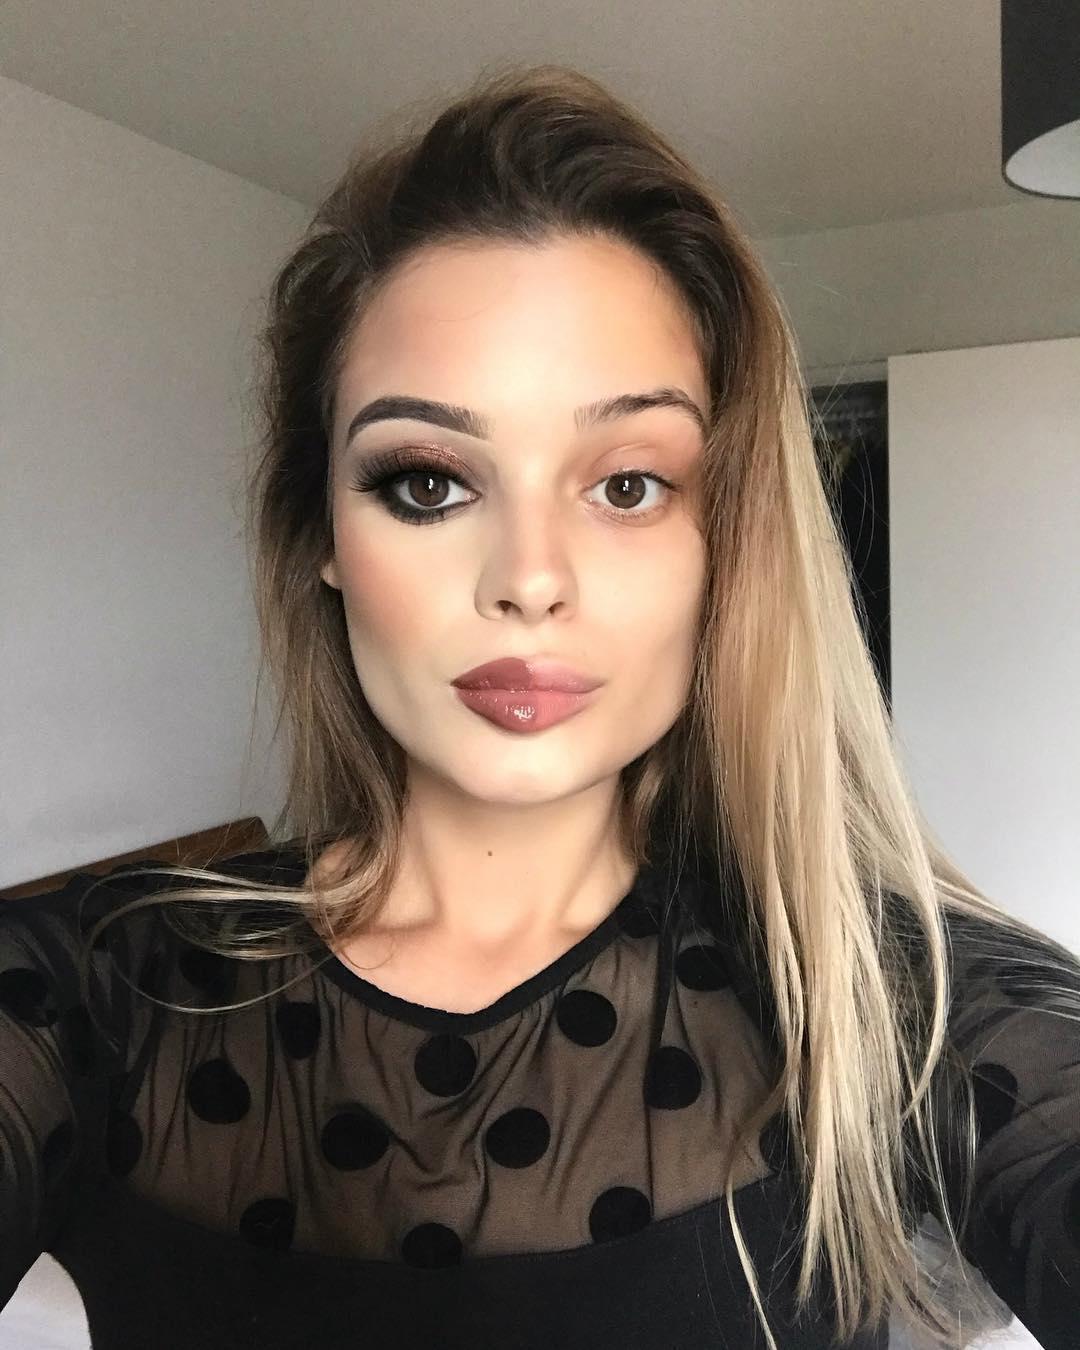 Novodobý fenomén sociálnych sietí: Ženy sa fotia s polovicou tváre namaľovanou a polovicou naturálnou